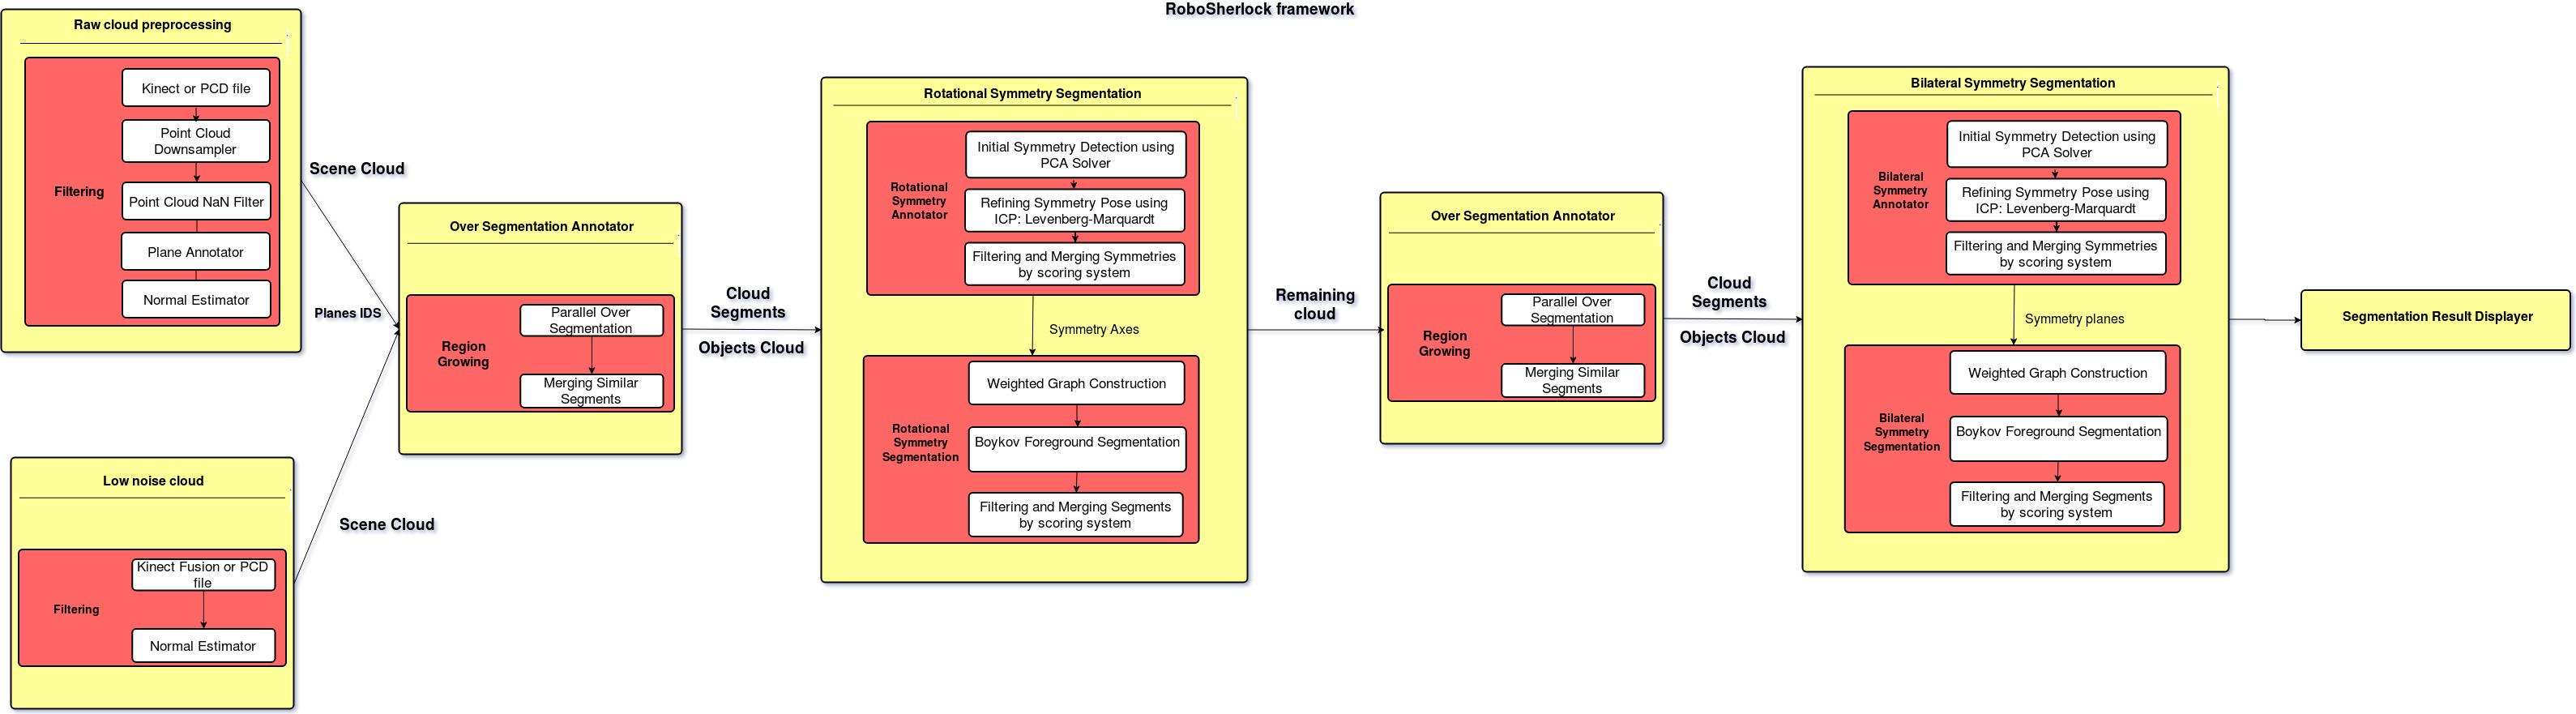 HighLevelArchitecture